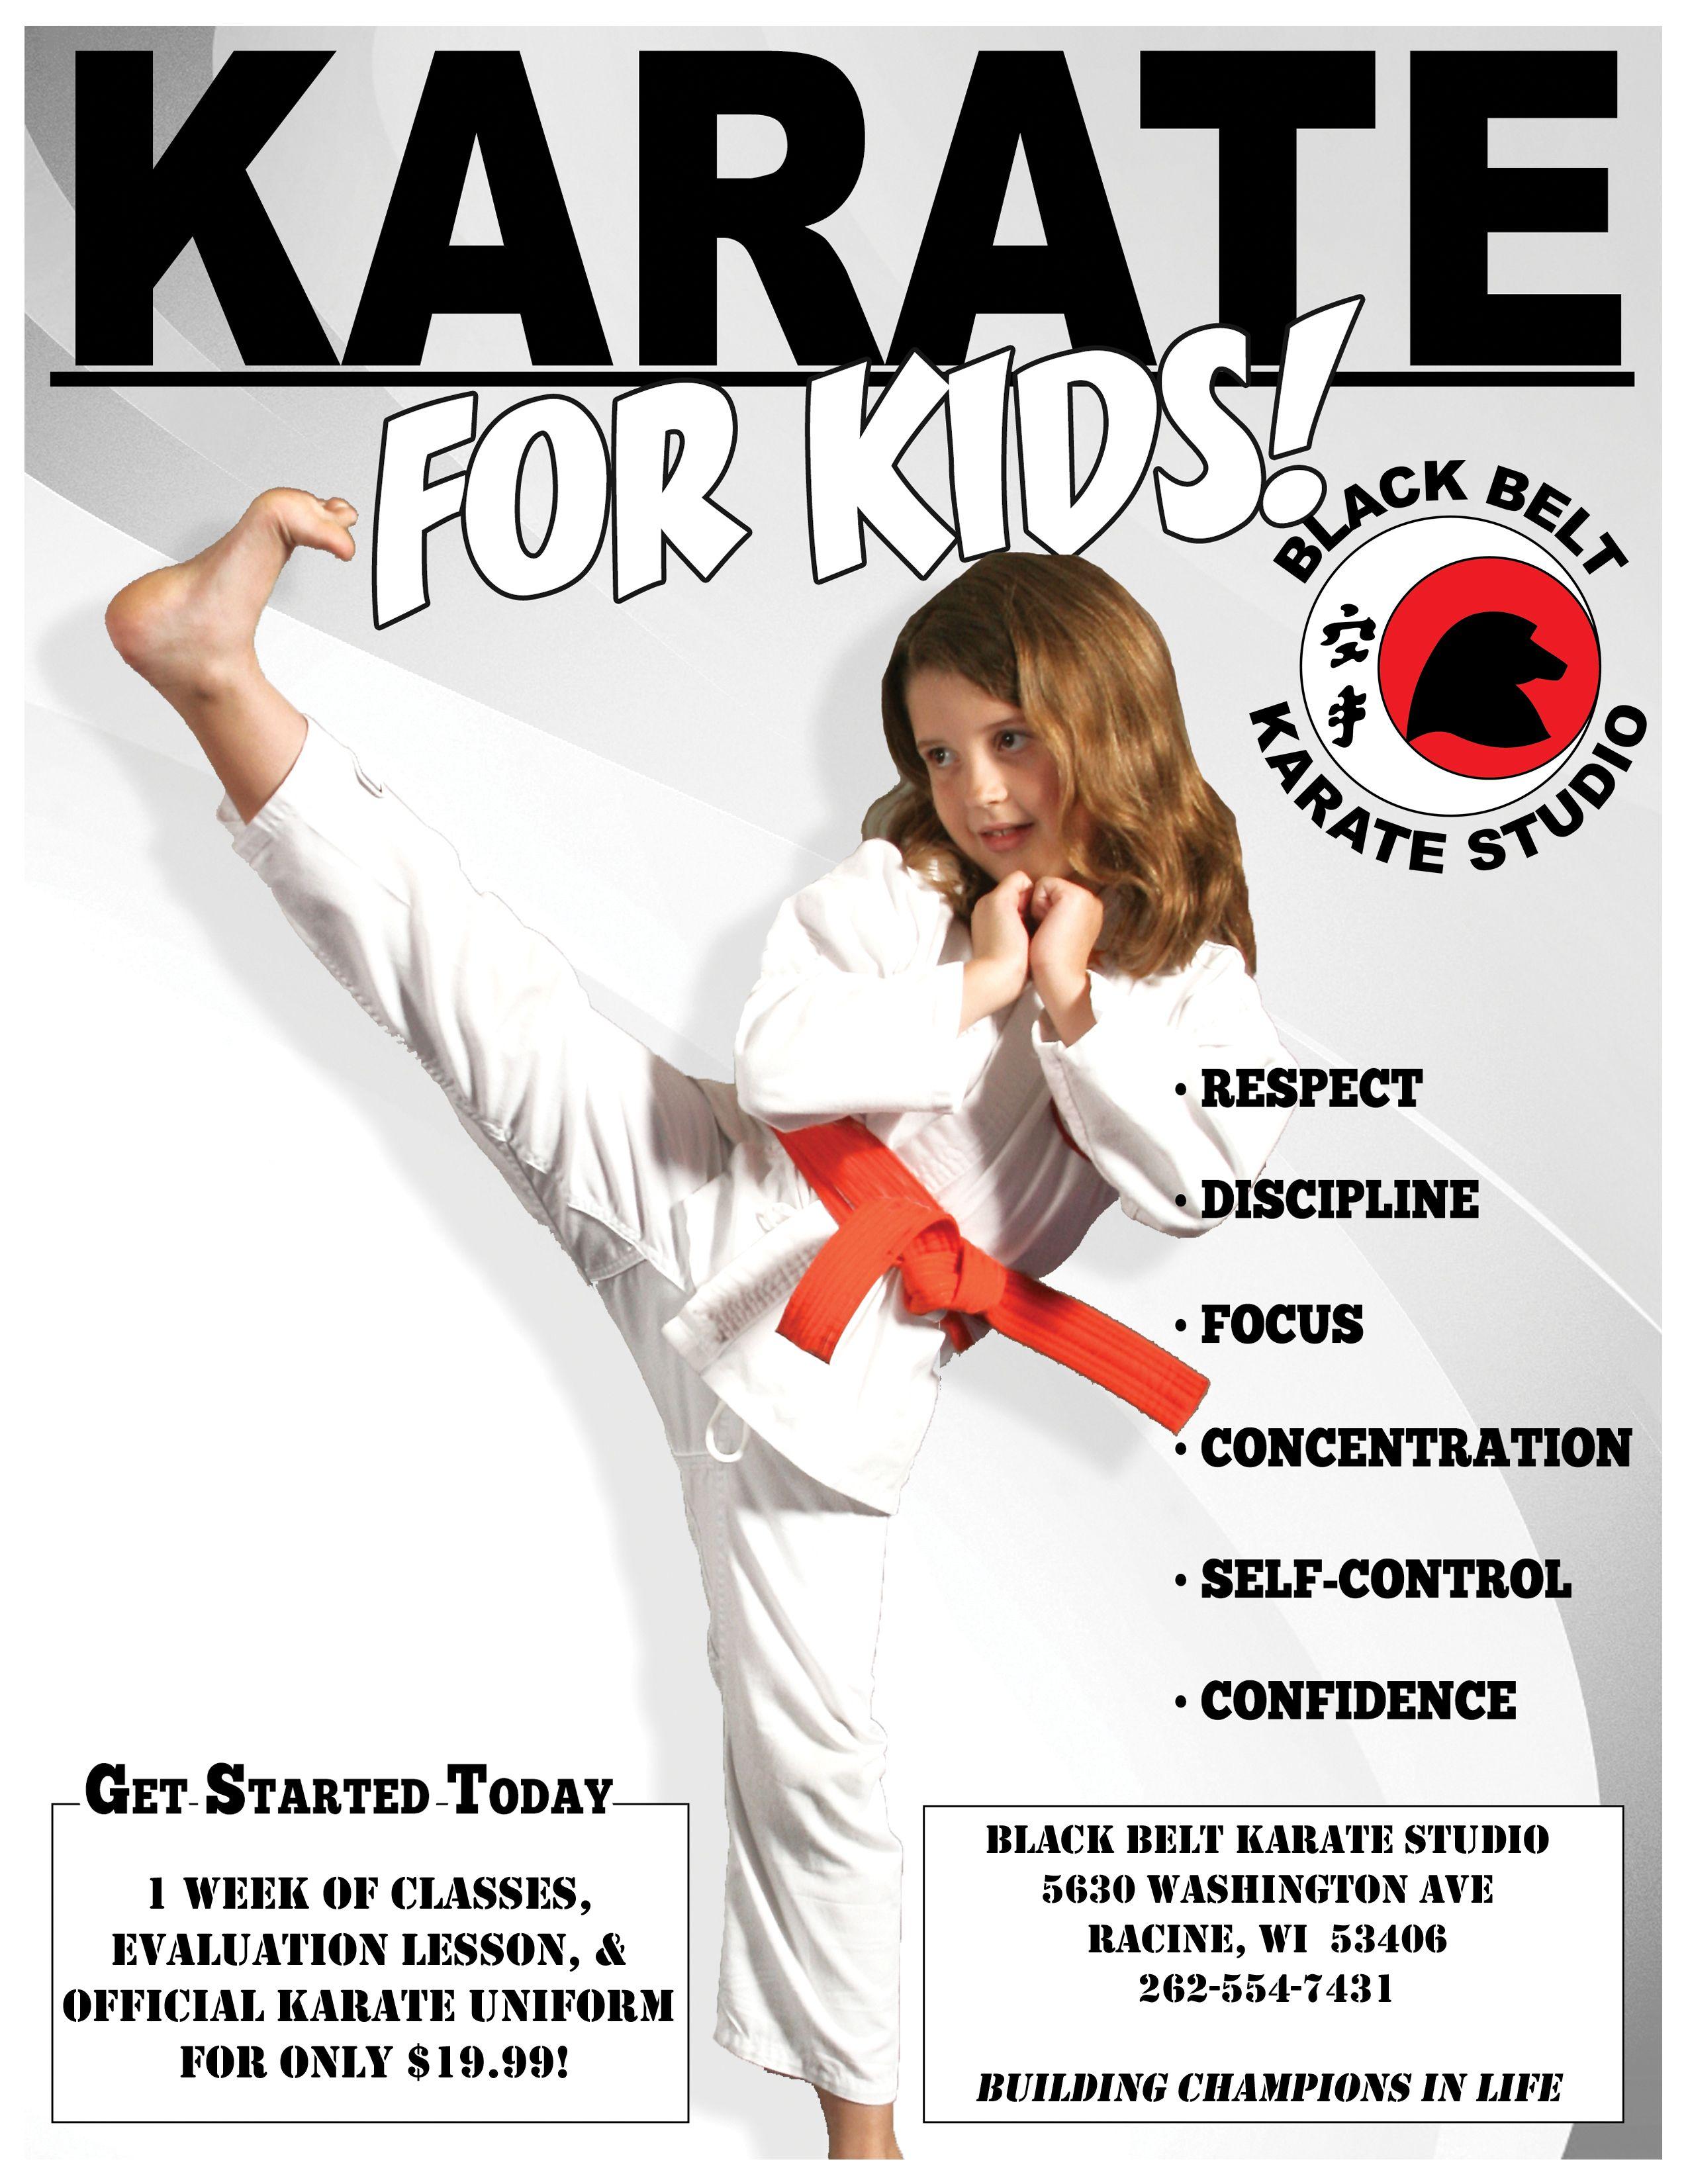 Black belt karate martial